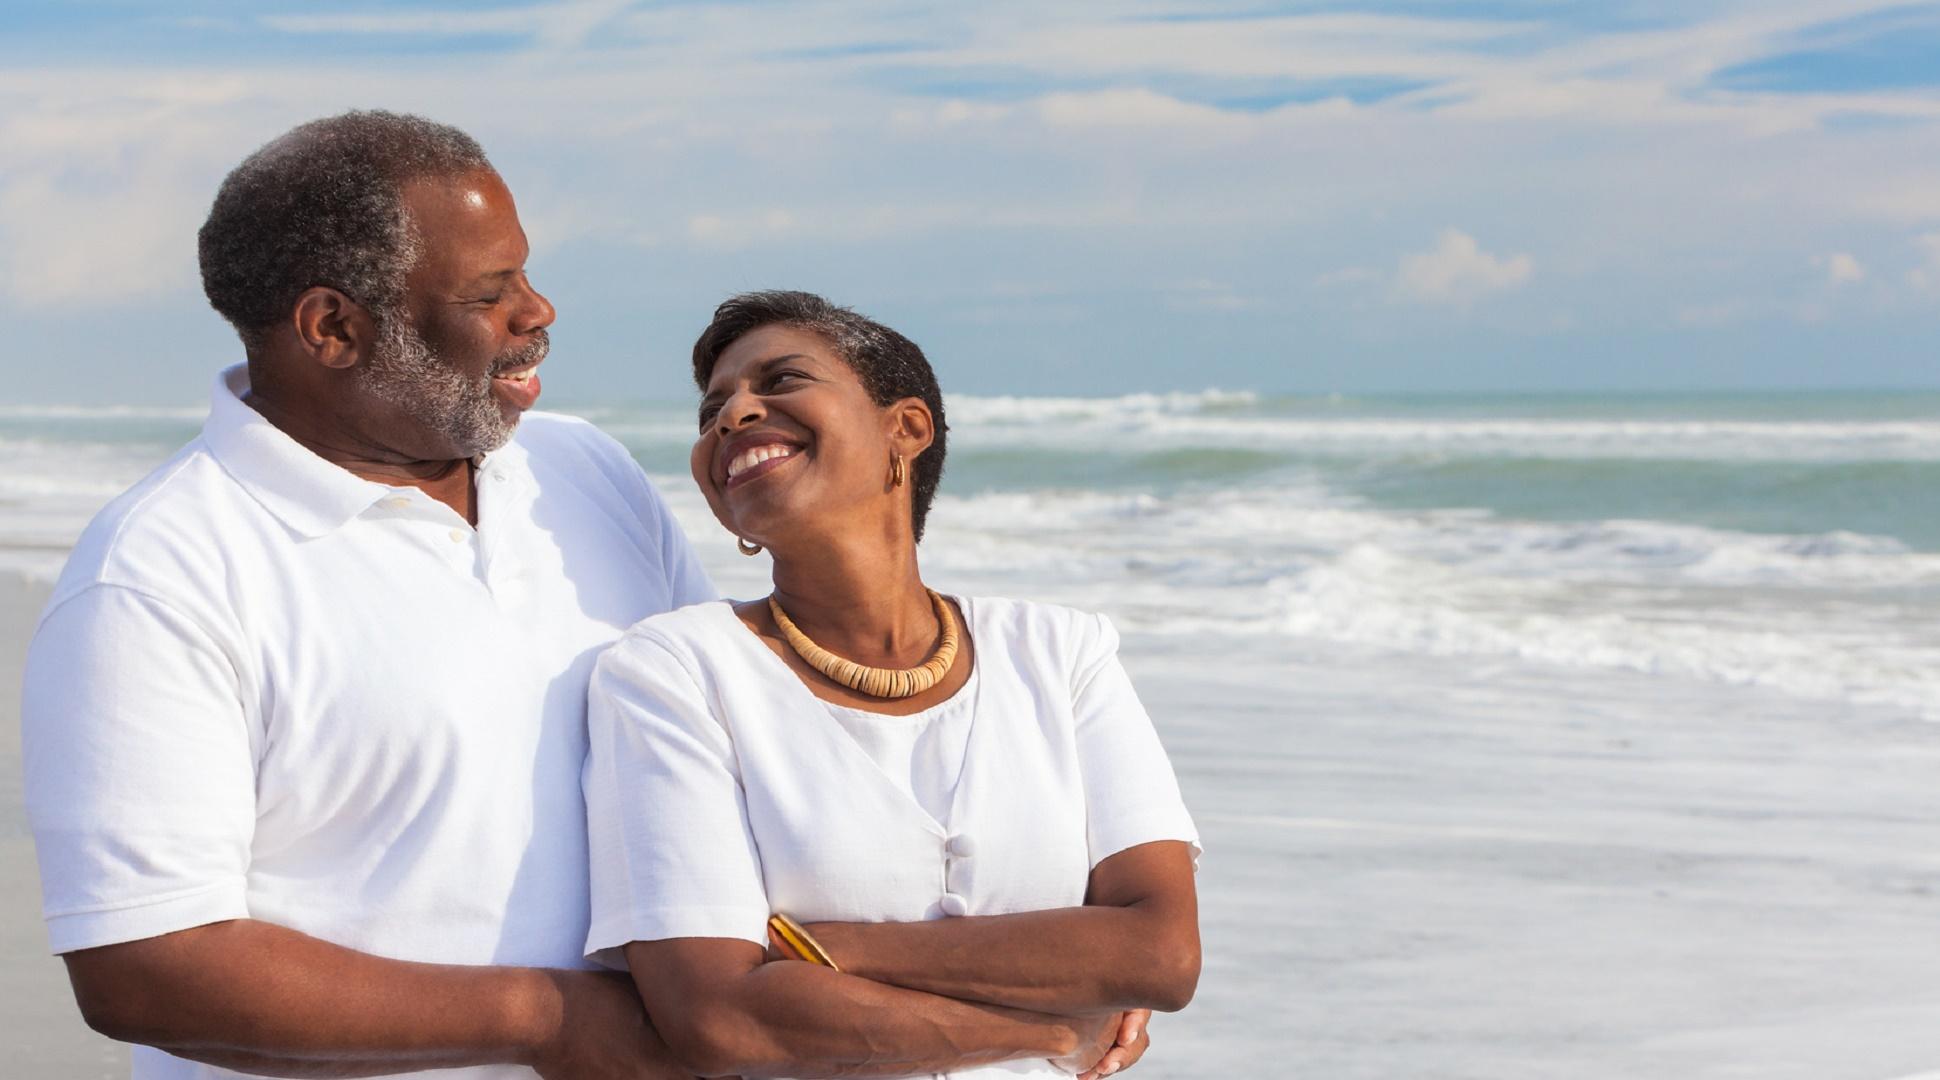 couple-on-the-beach1